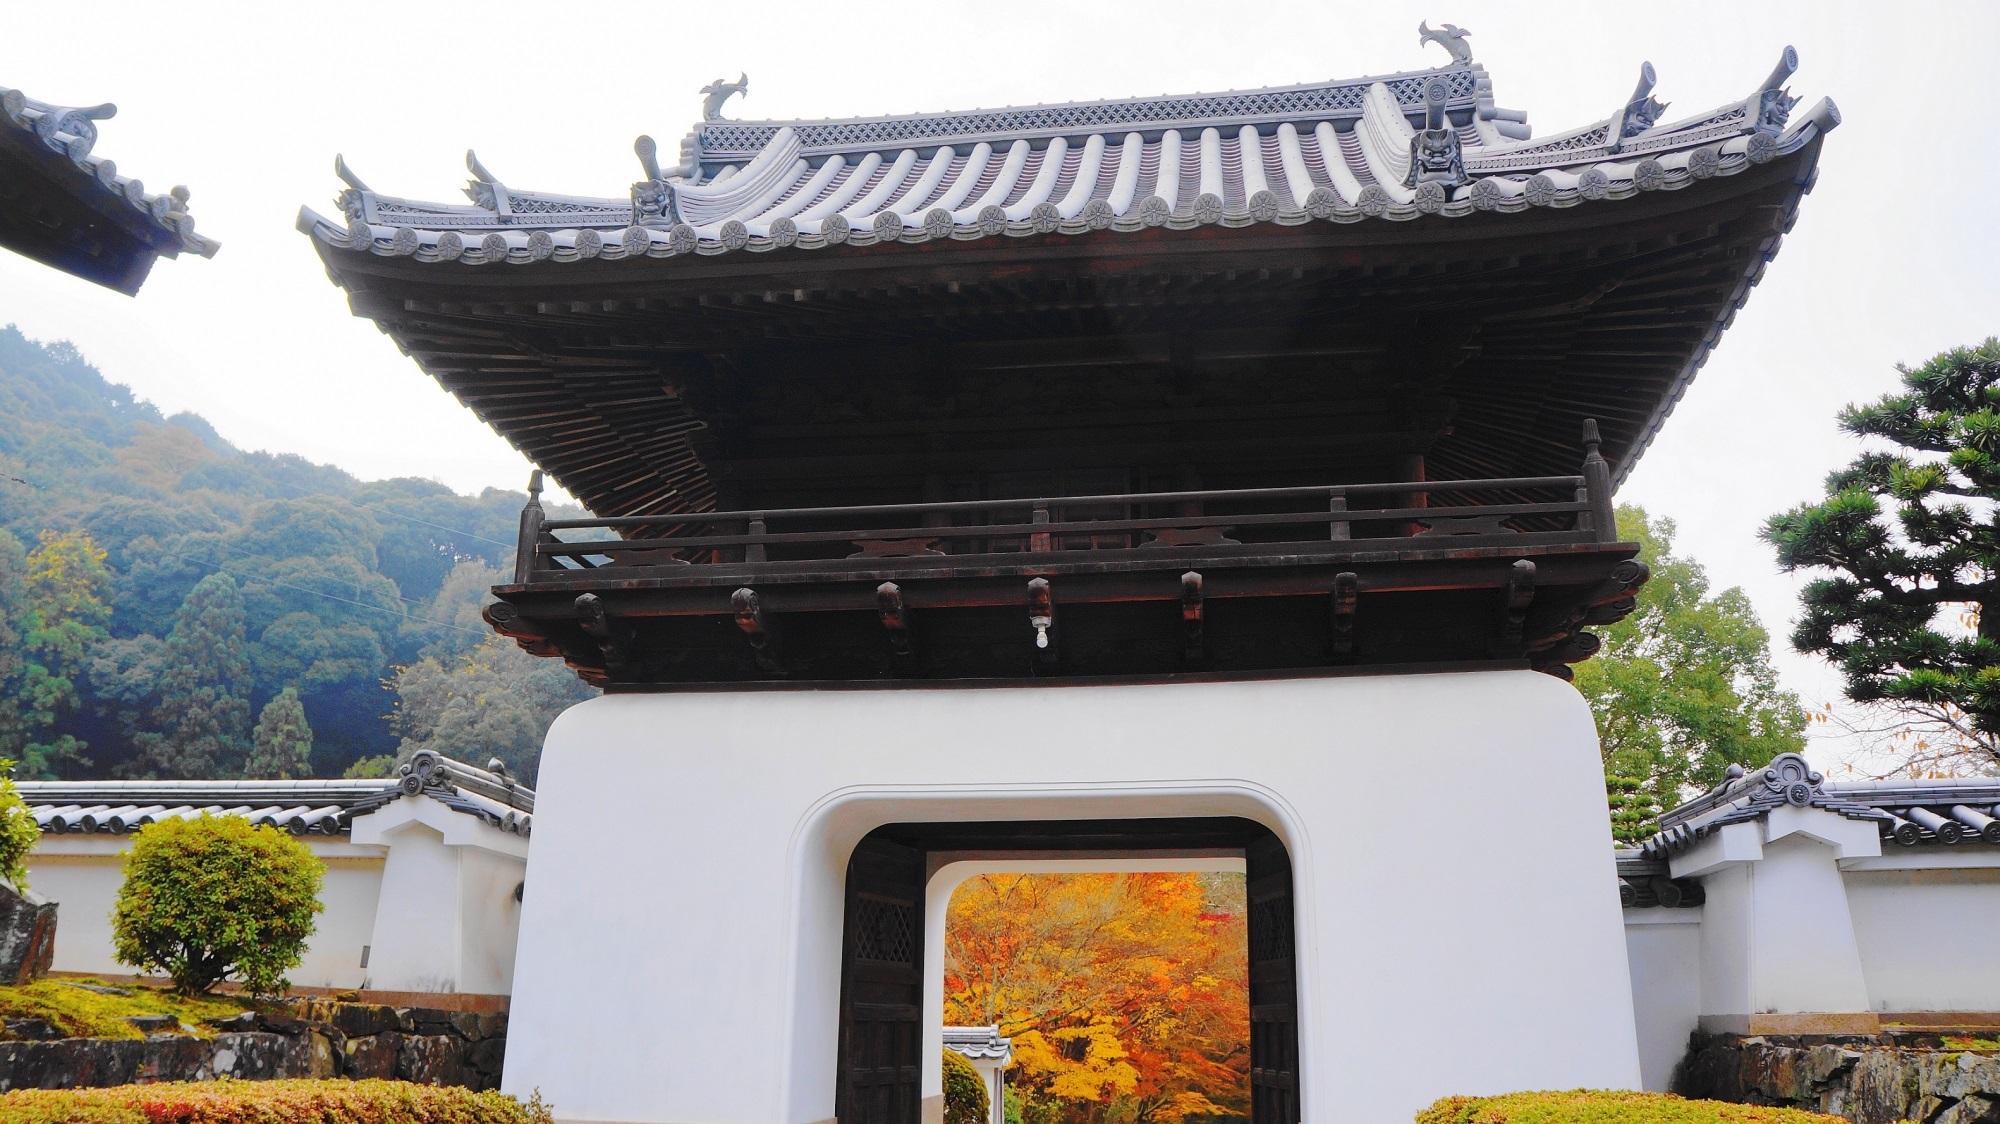 興聖寺の境内から眺めた龍宮門と琴坂の紅葉